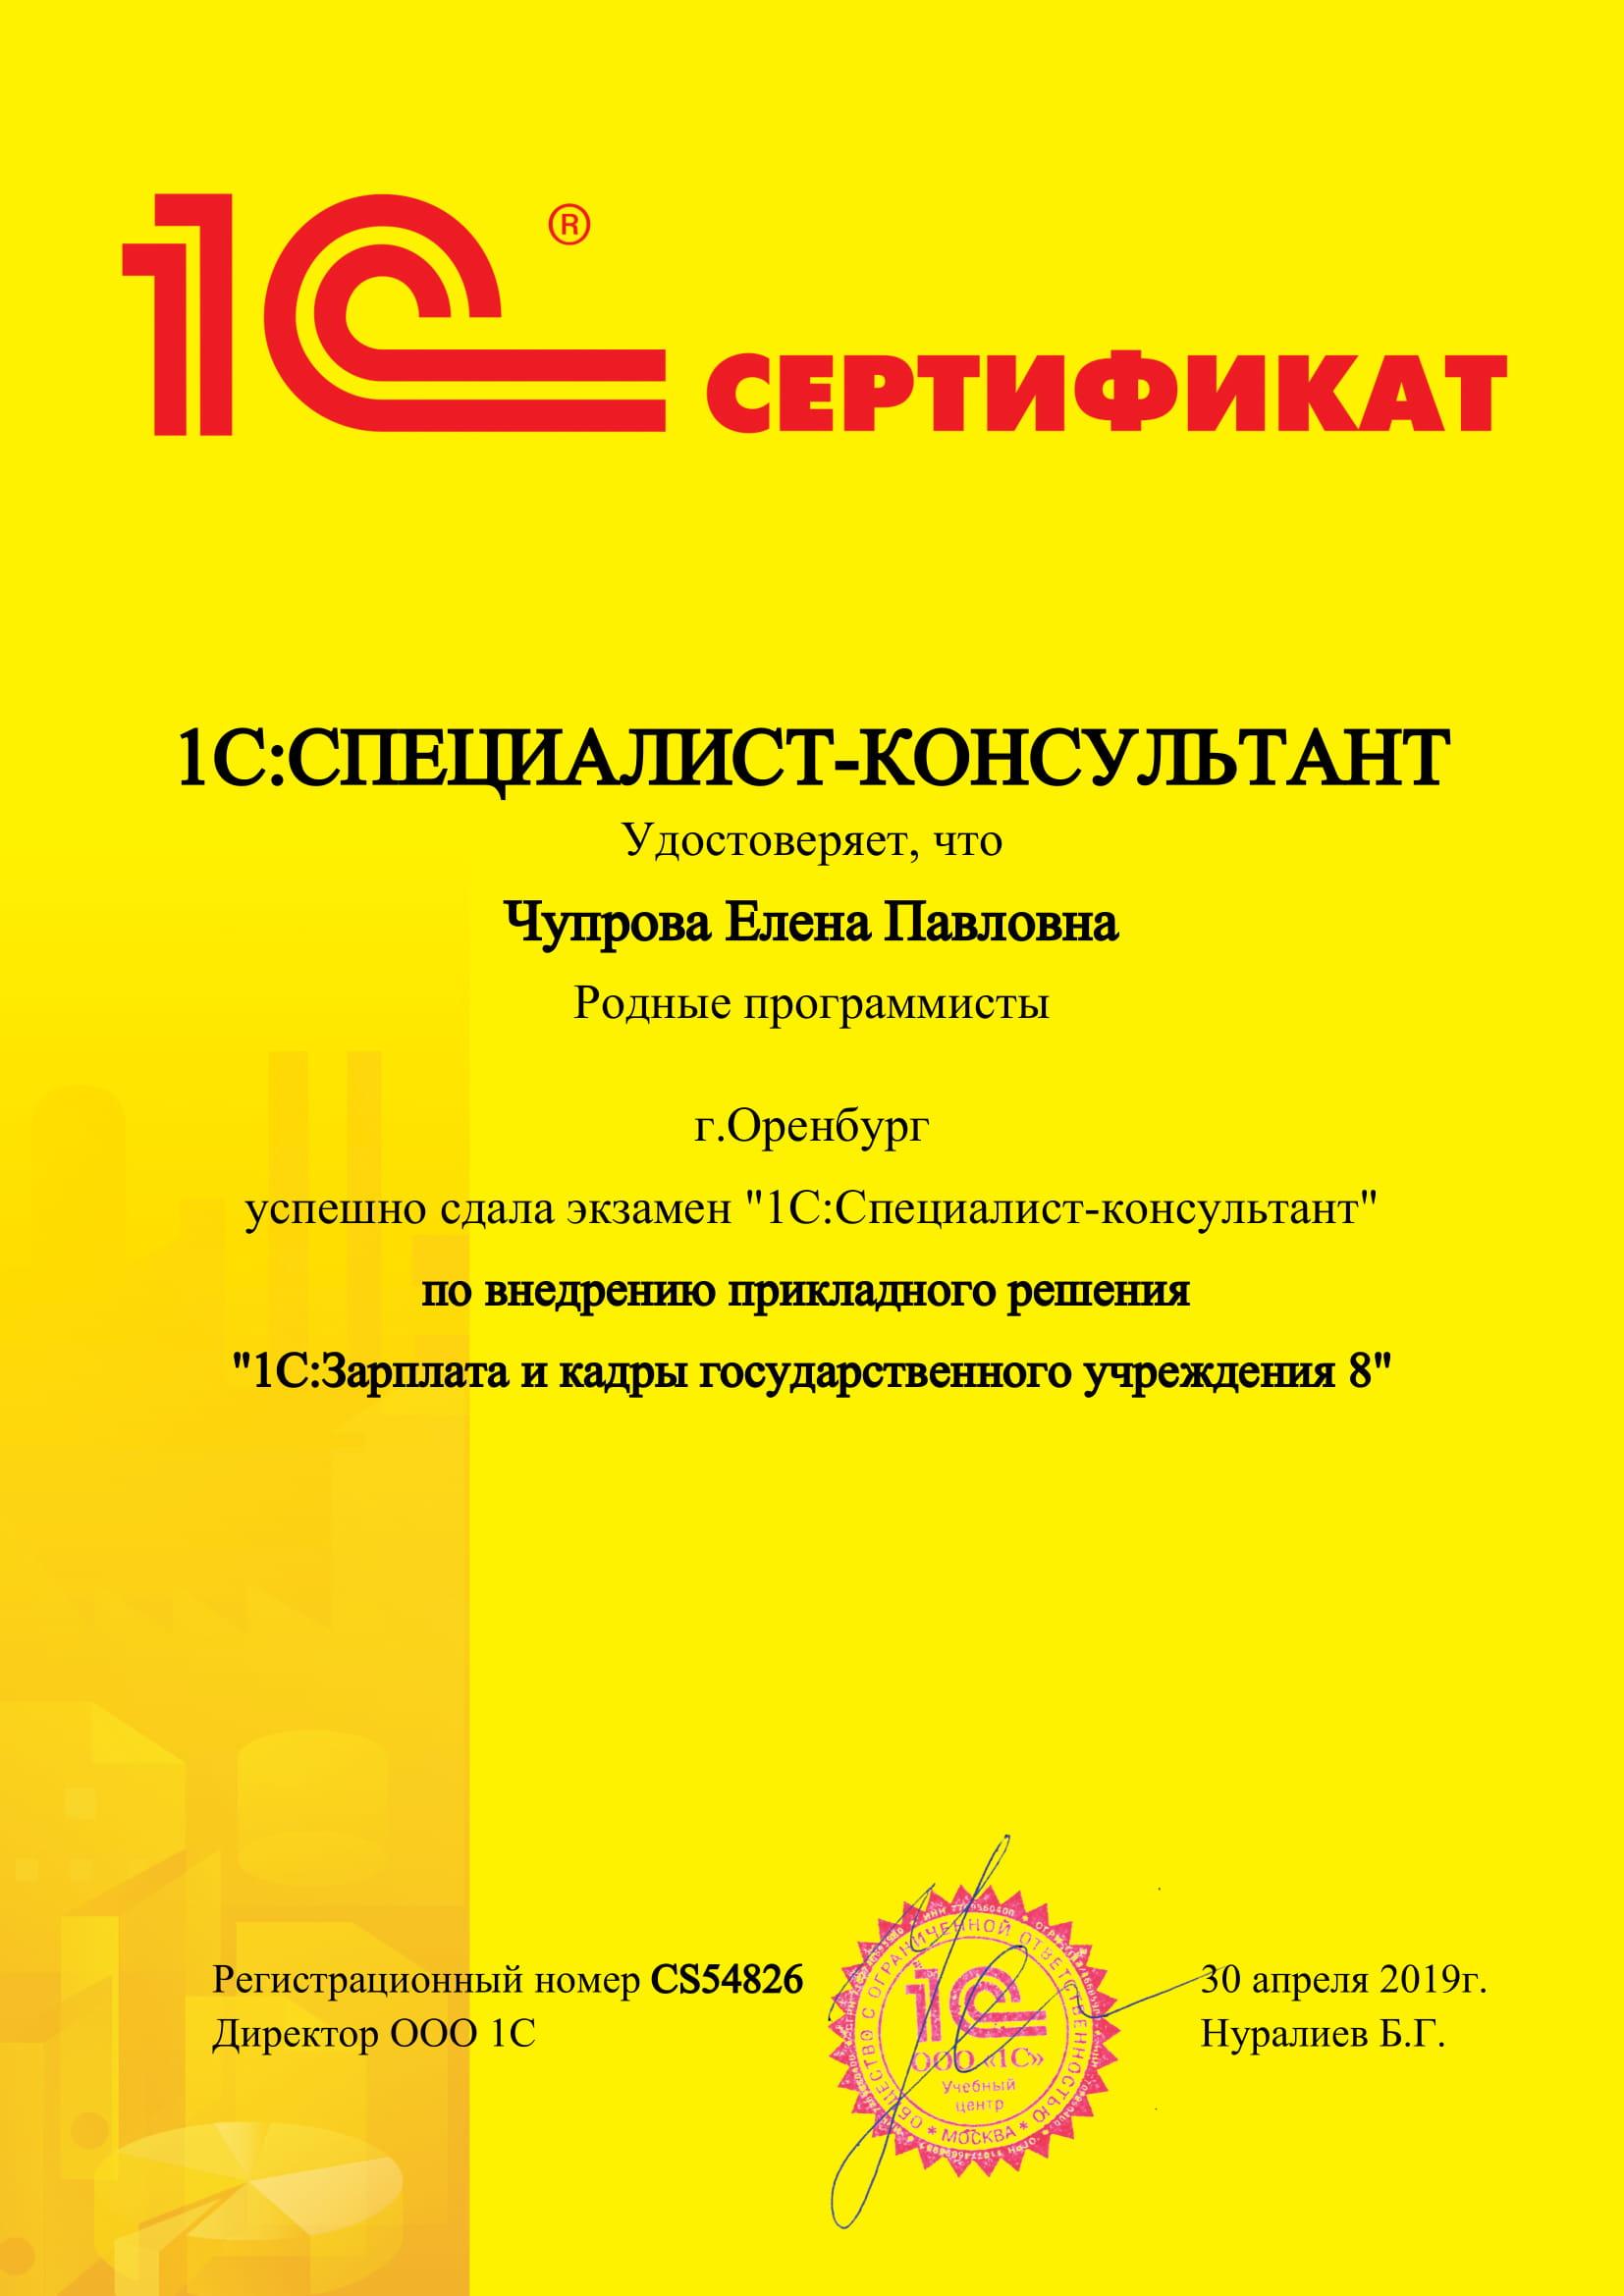 Чупрова Елена Специалист консультант ЗКГУ-1